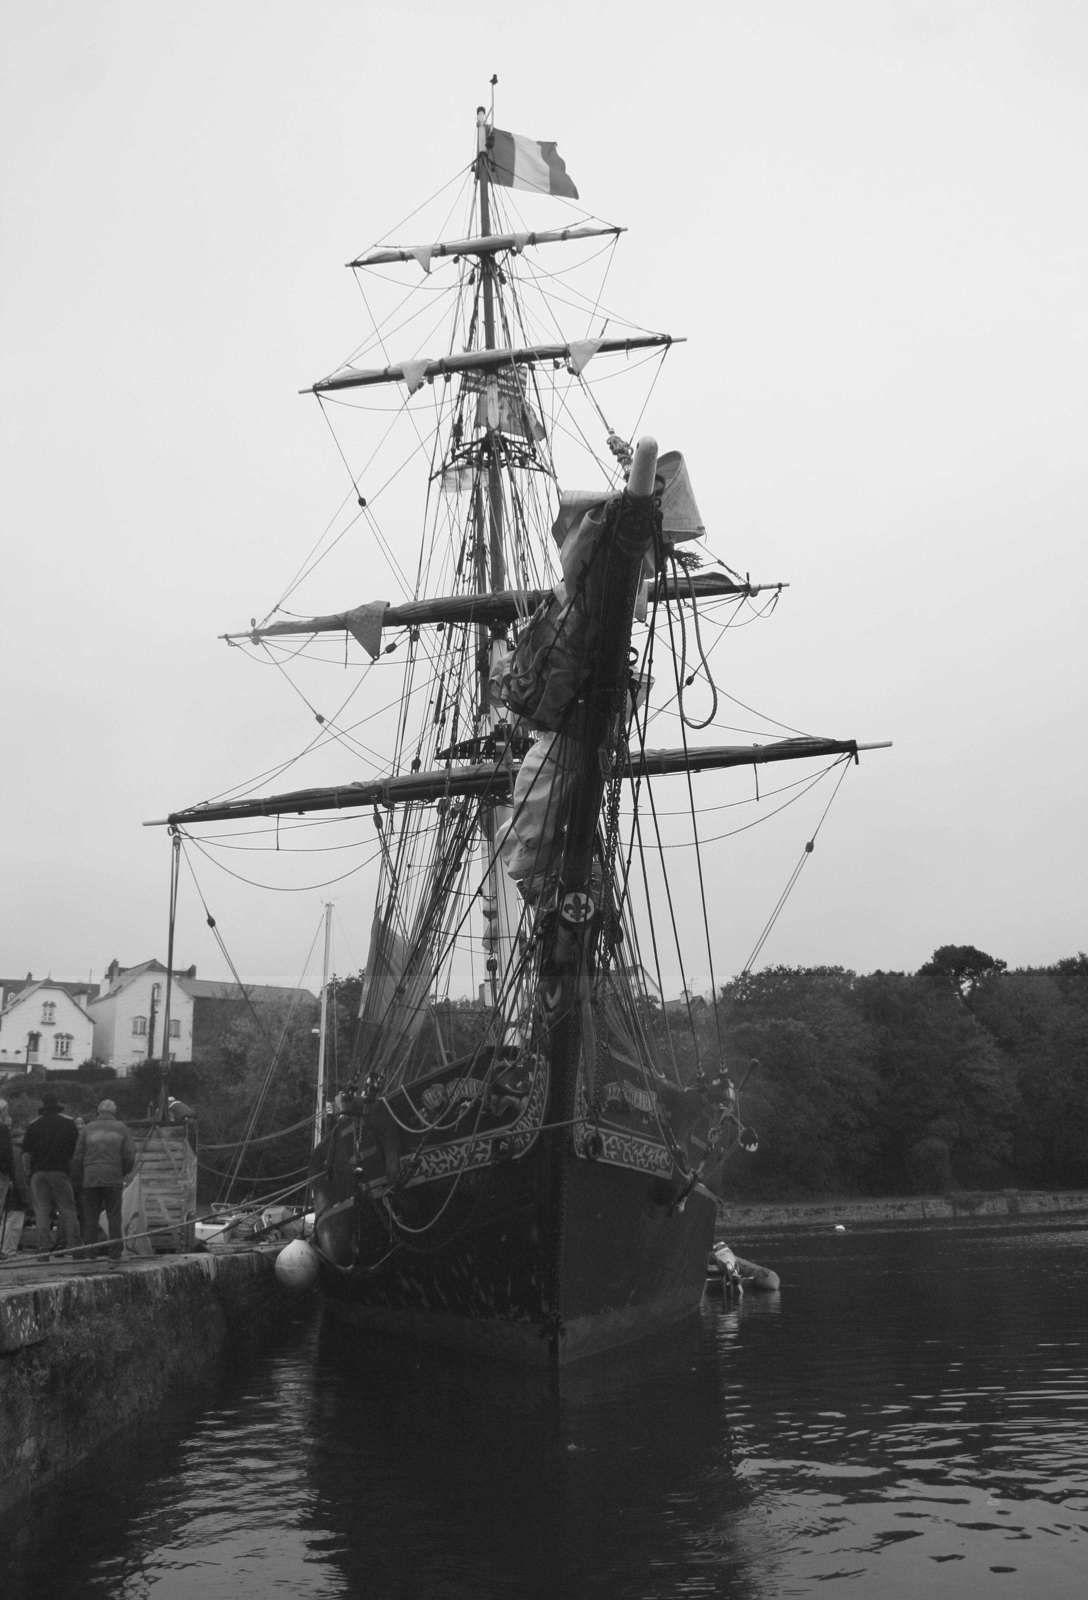 250 - Brigantin Tres Hombres, escale à Port-Rhu, cabotage à la voile, Douarnenez,  TOWT, Trans Oceanic Wind Transport, Voilier de travail, photos by GeoMar